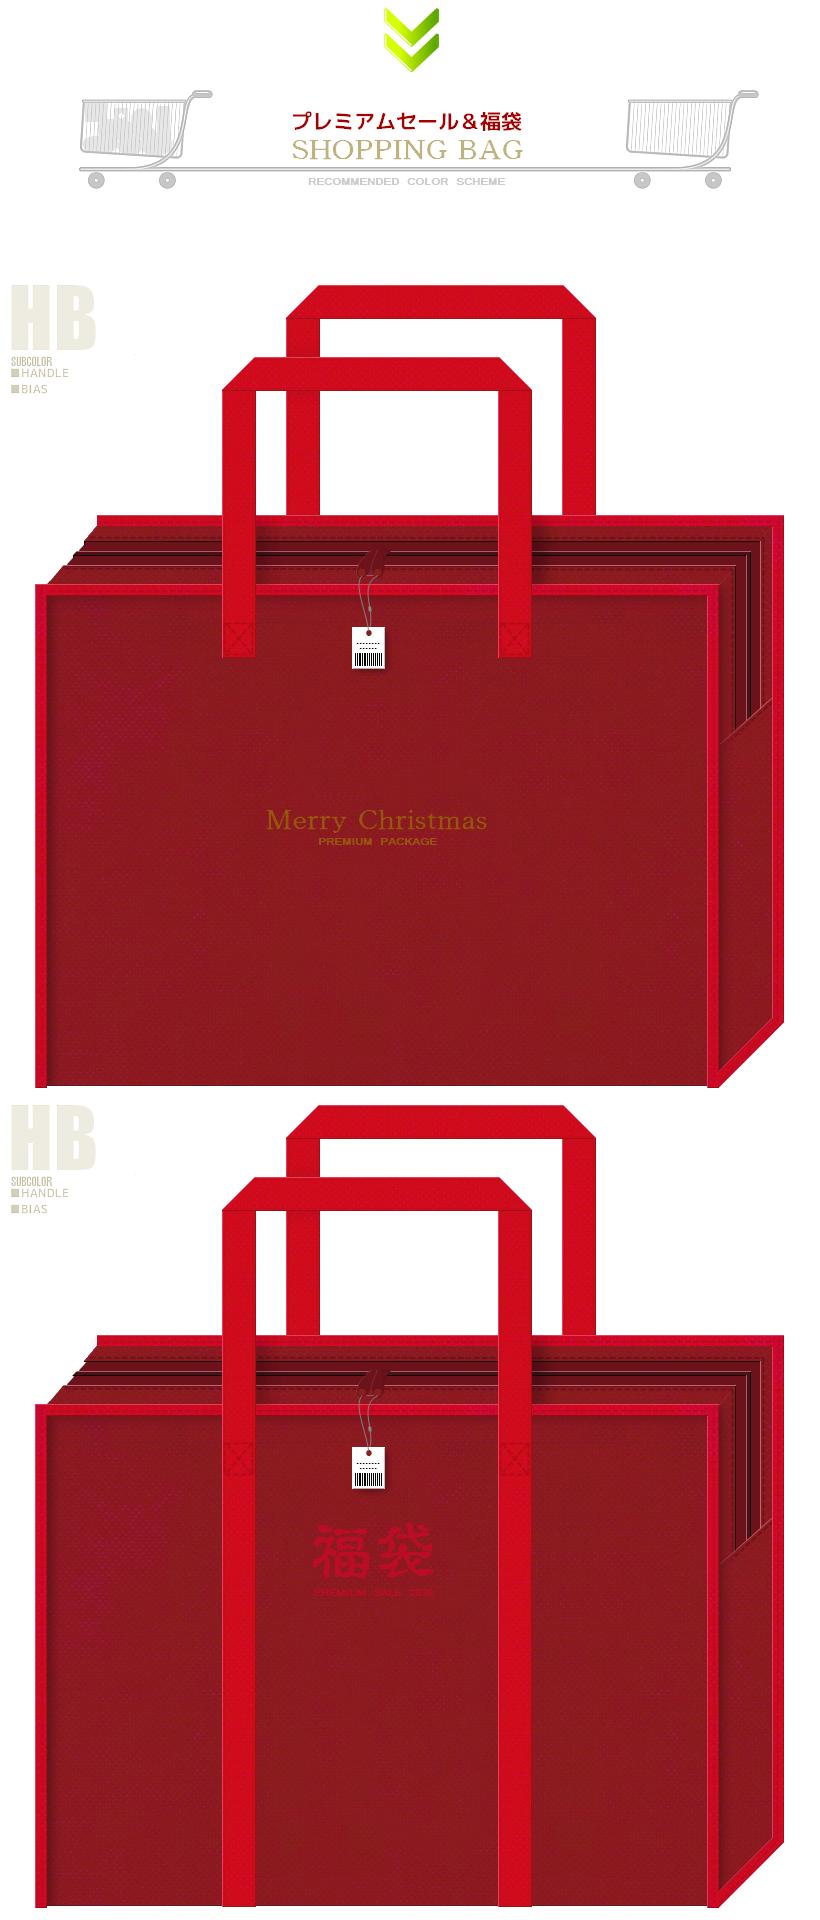 エンジ色と紅色の不織布バッグデザイン:上- クリスマスセールのショッピングバッグ 下- 福袋